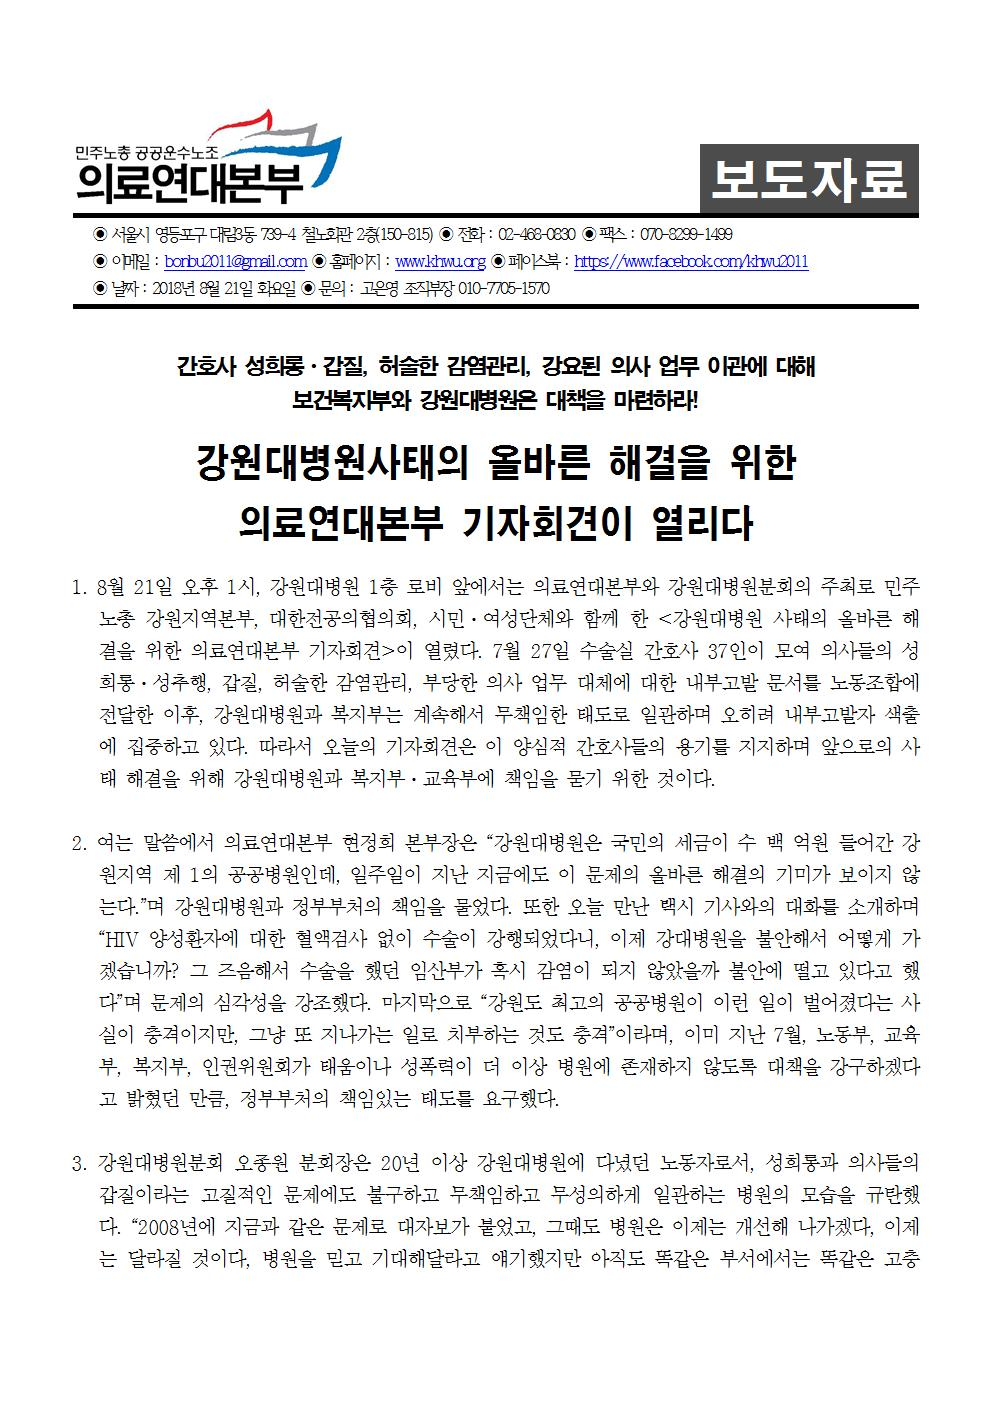 180821_[보도자료] 강원대병원사태의 올바른해결을 위한 기자회견(완)001.jpg